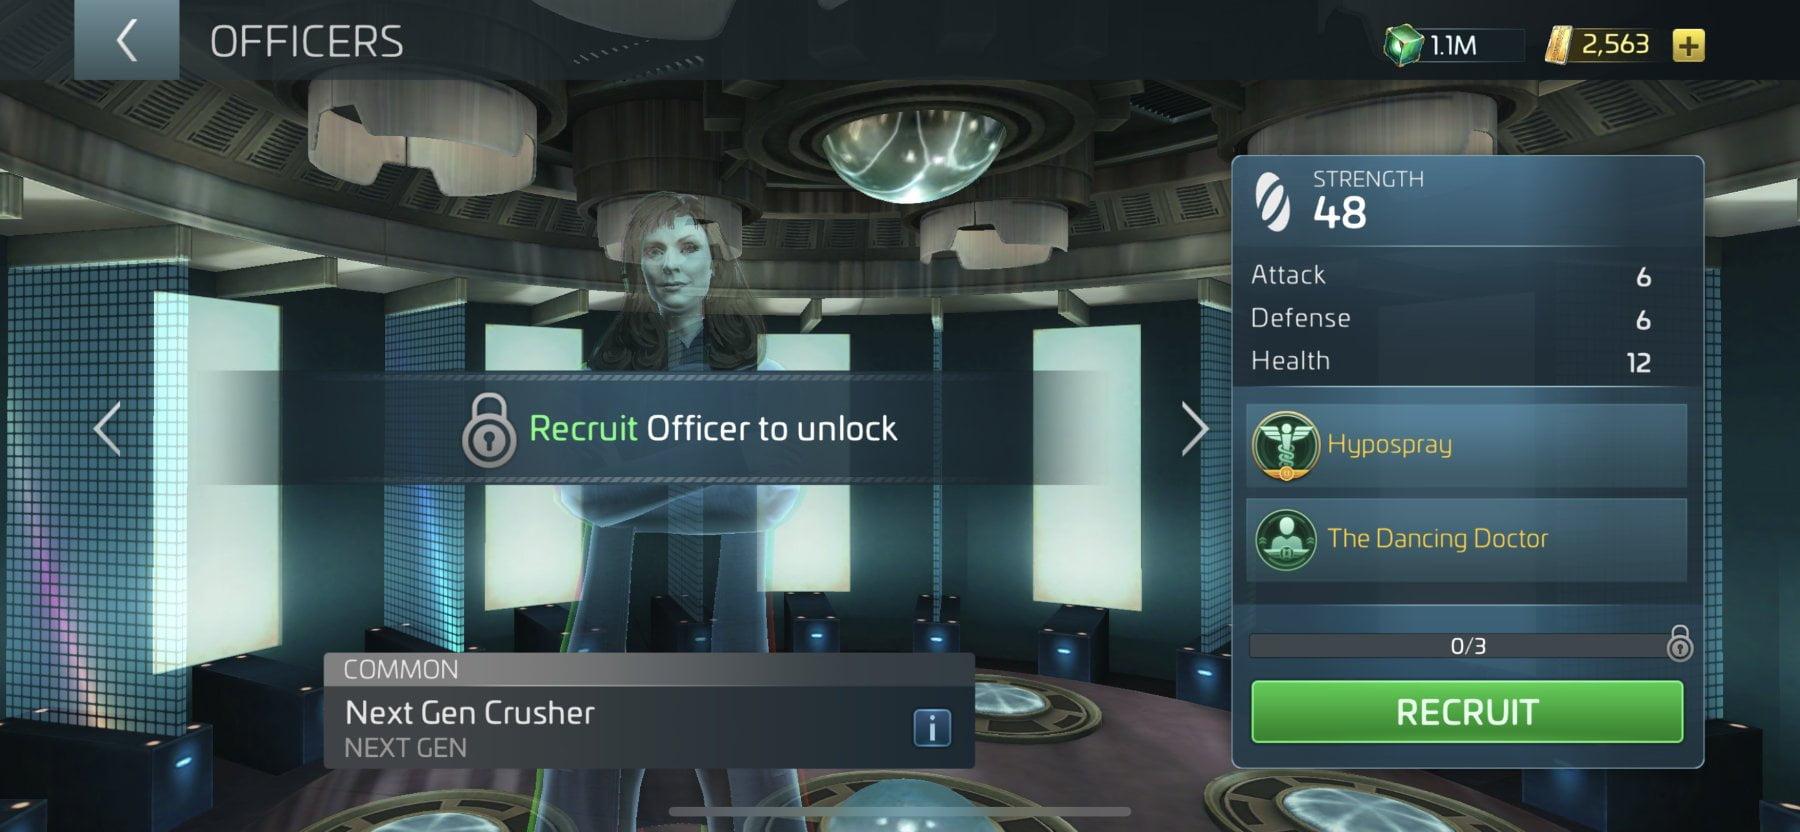 Star Trek Fleet Command Officer Next Gen Crusher